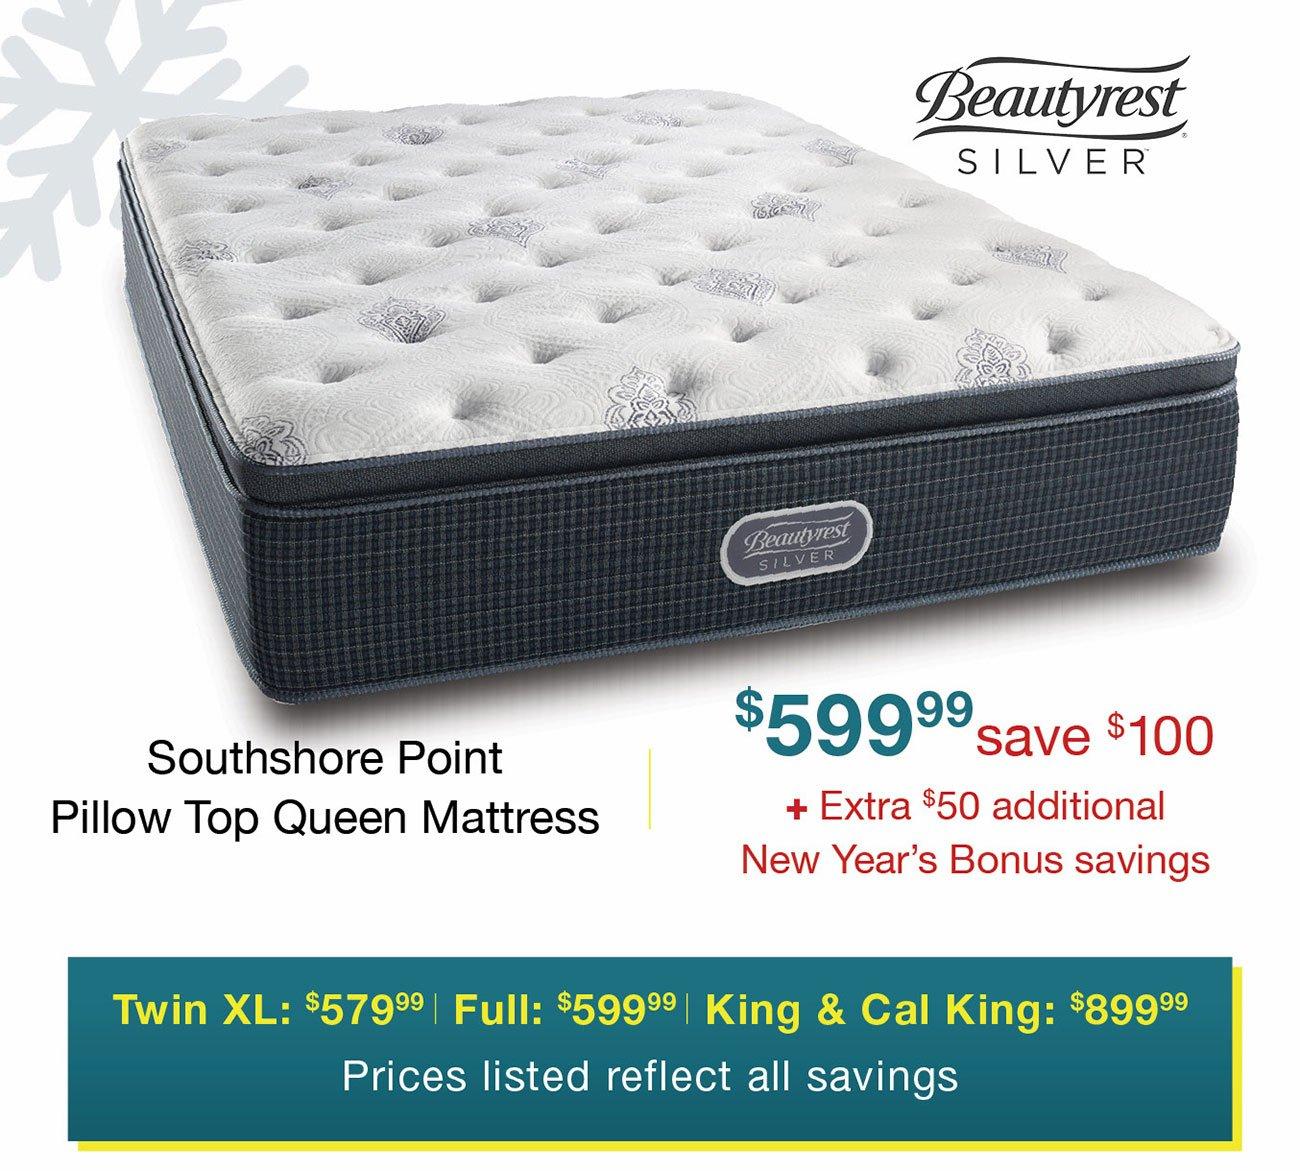 Beautyrest-southshore-mattress